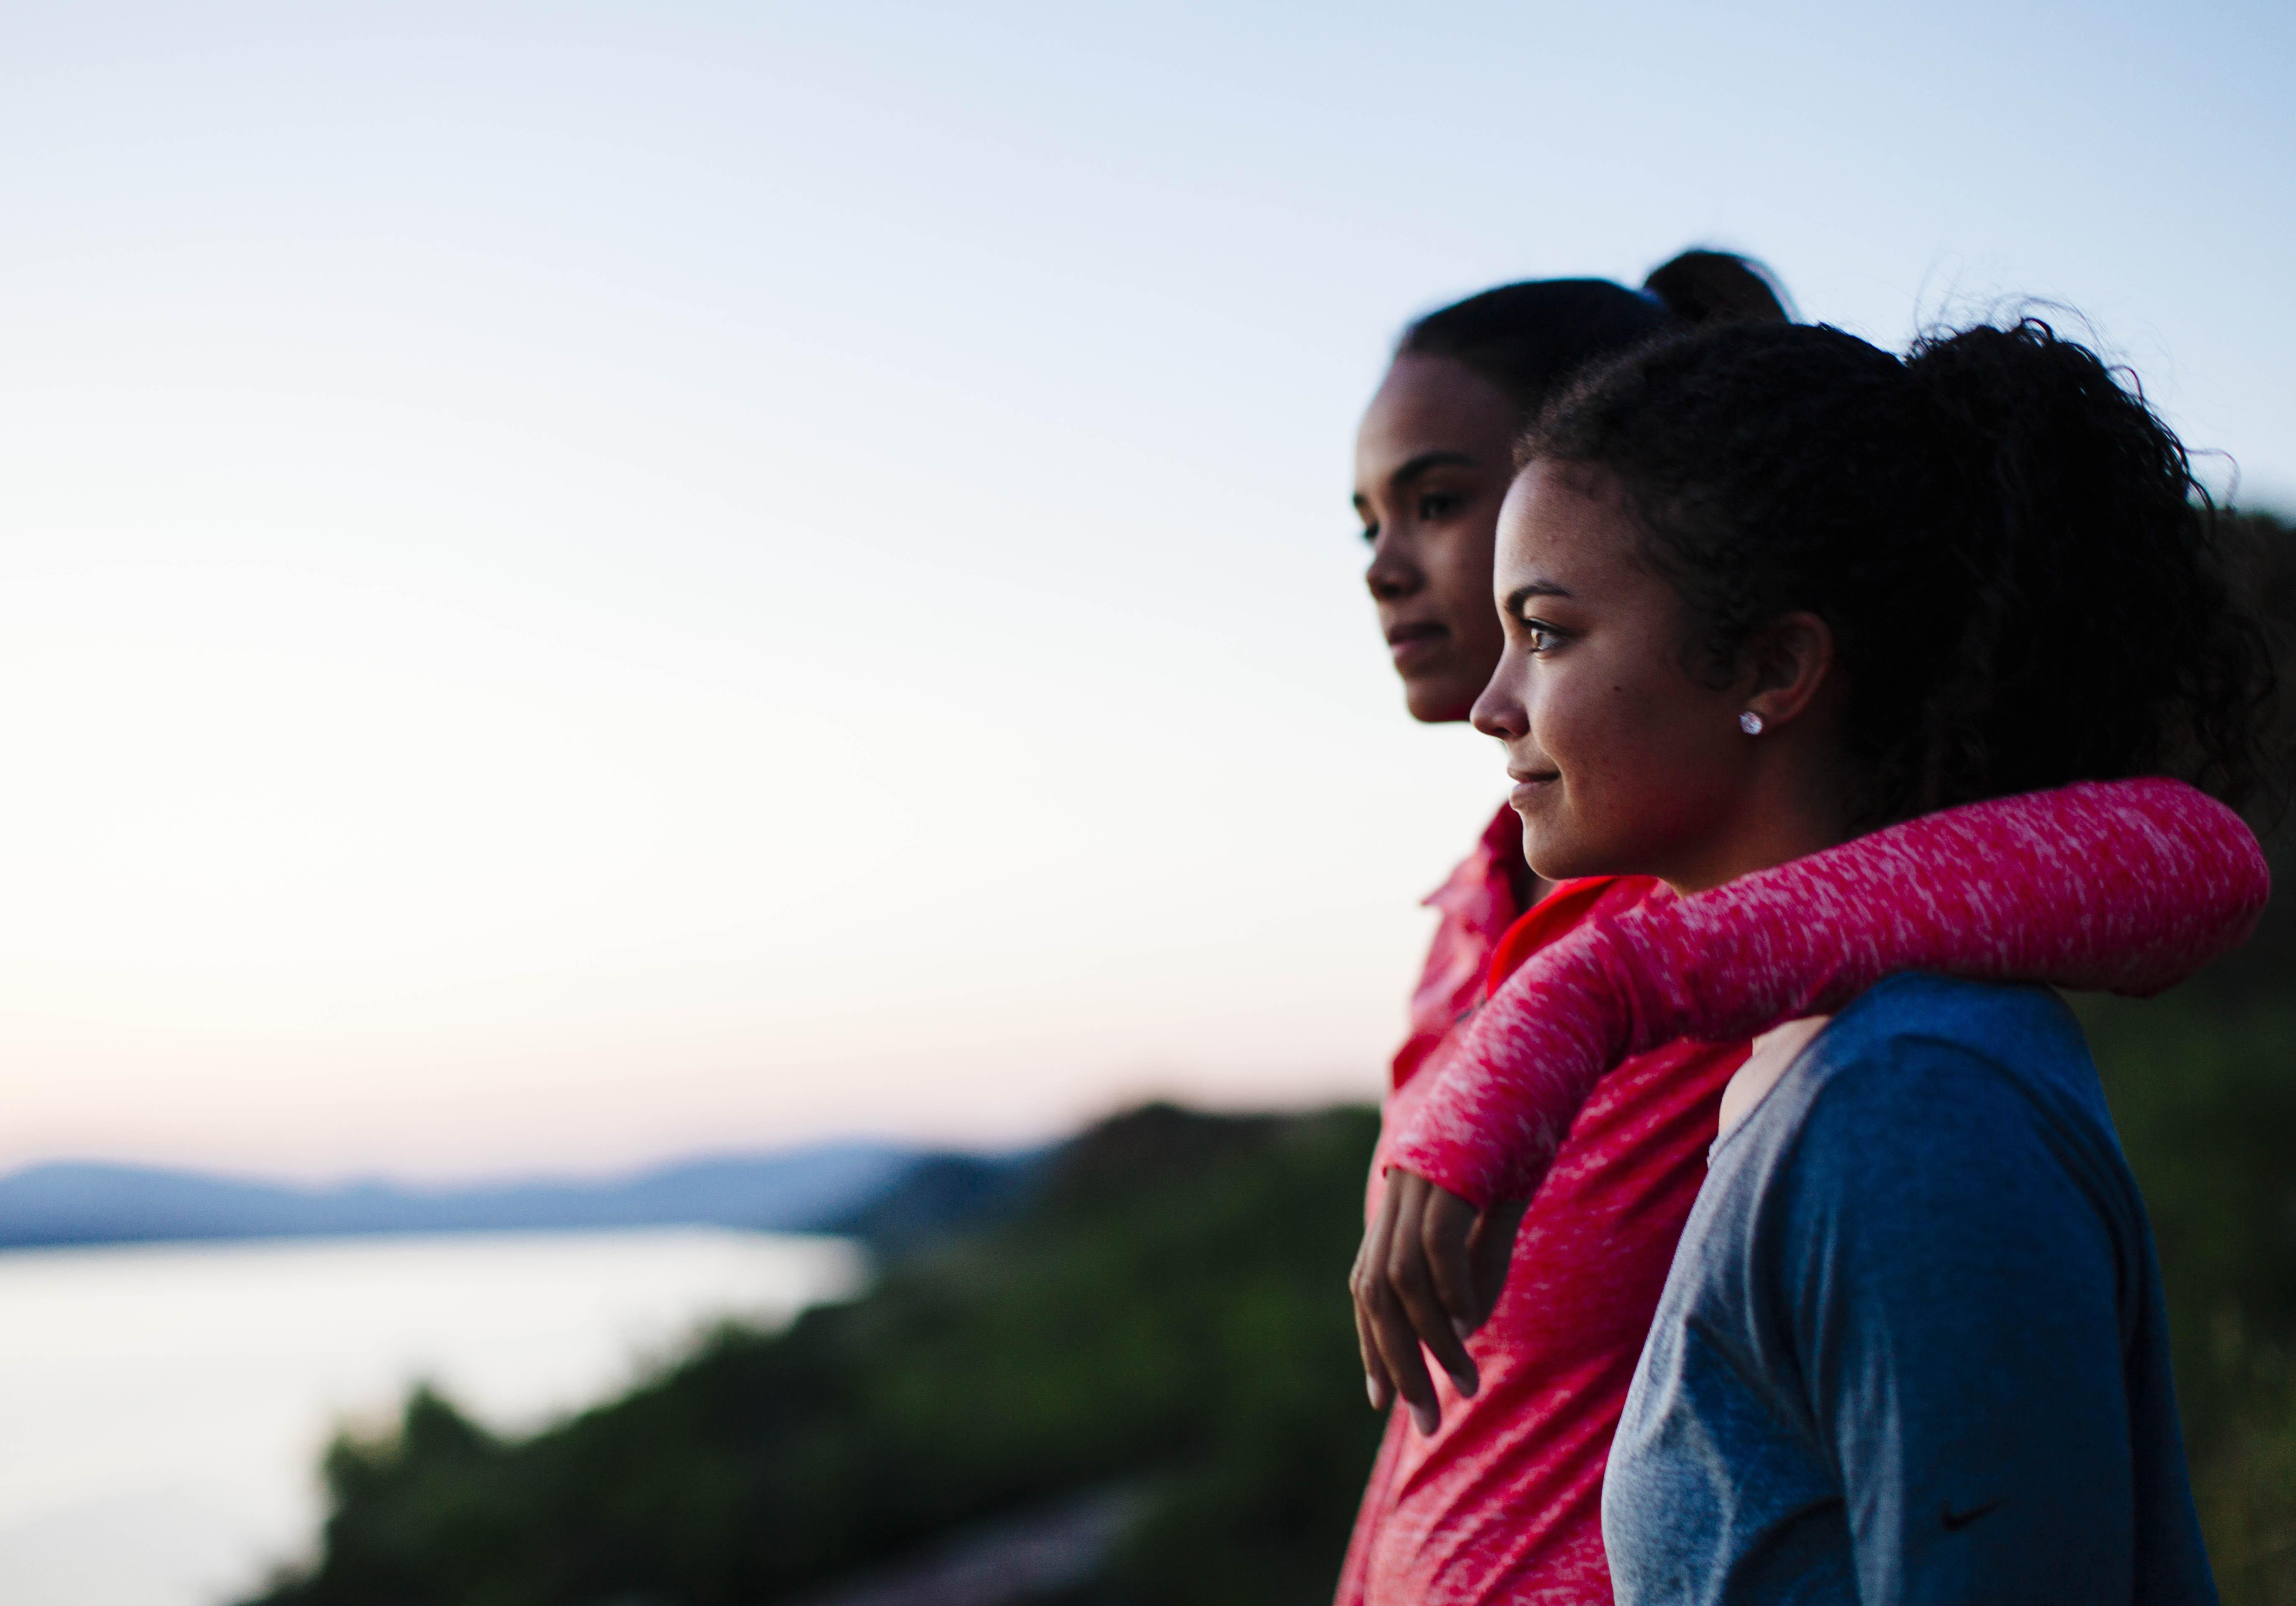 photo pute nue histoire erotique entre soeurs lesbienne